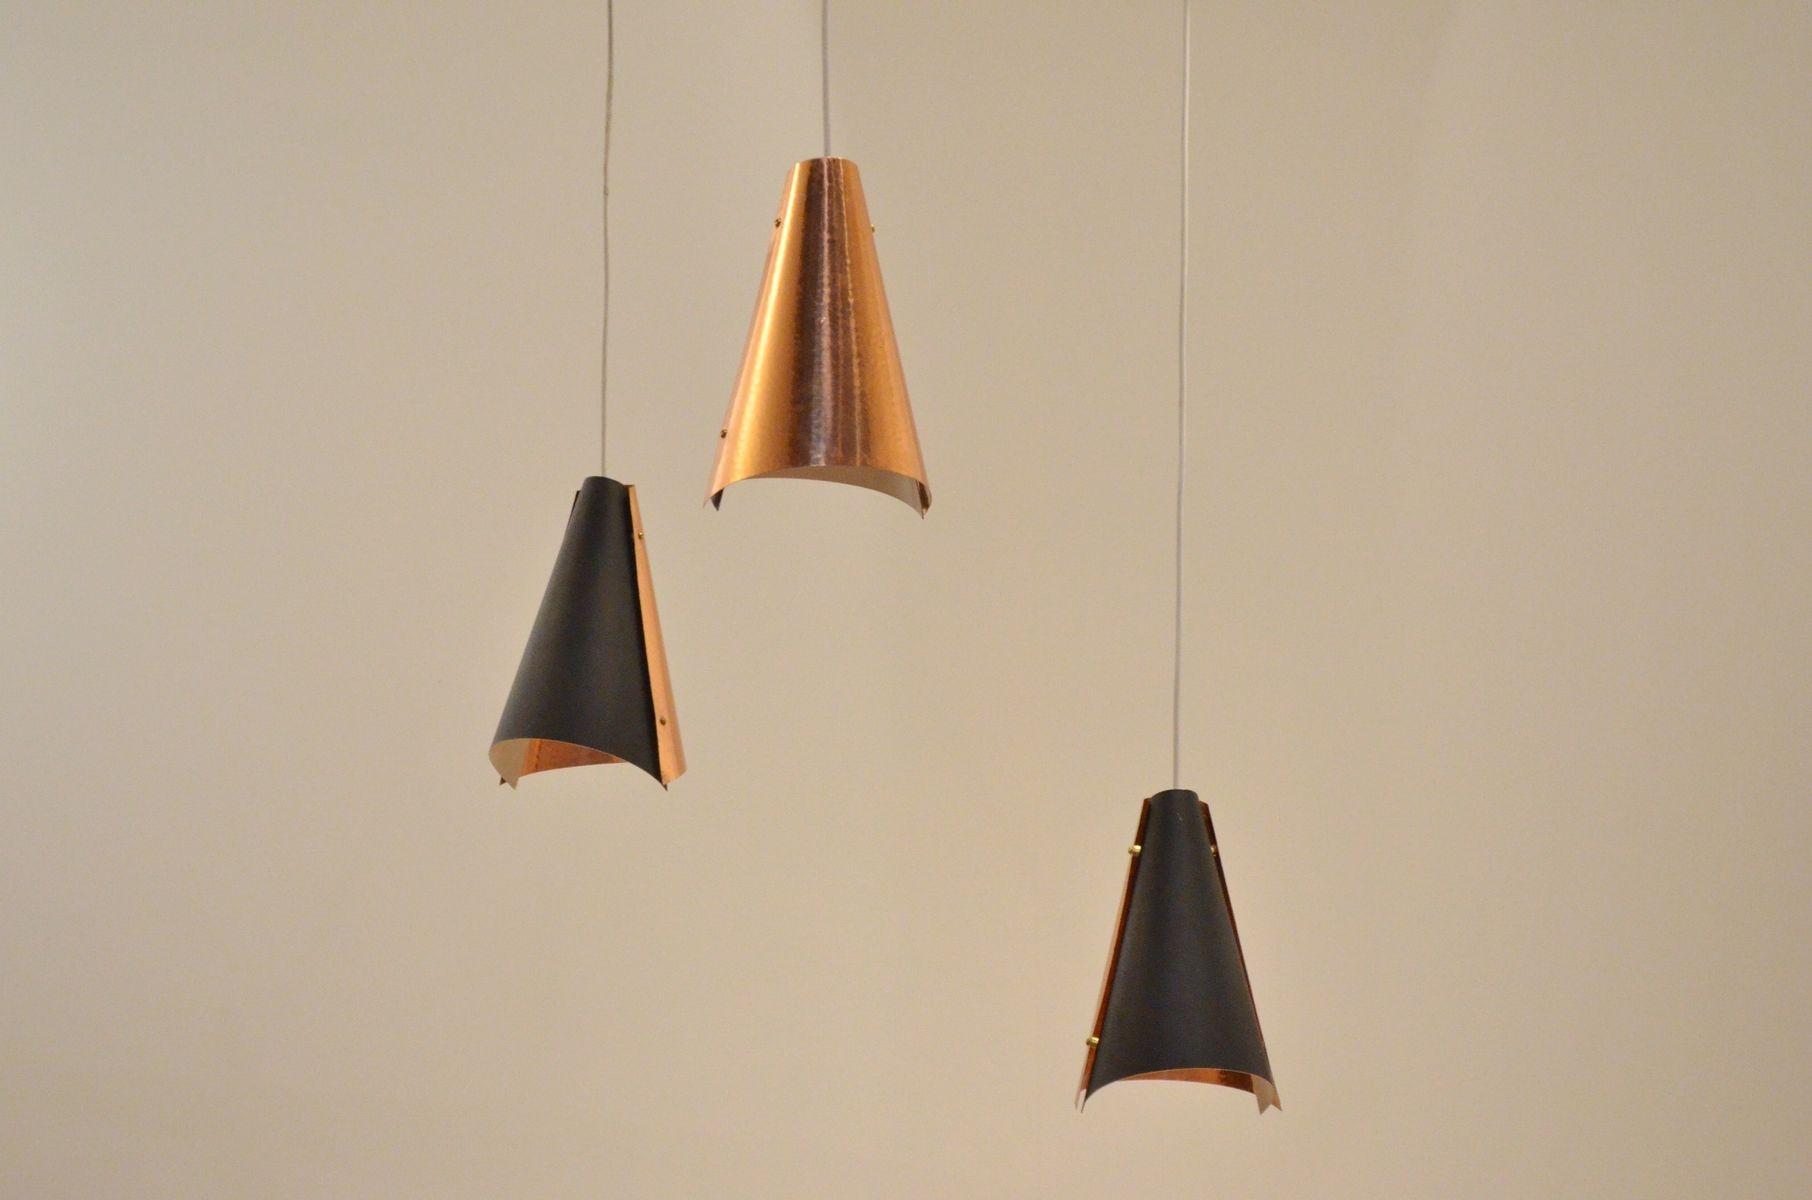 d nische h ngelampe aus kupfer metall mit drei leuchten bei pamono kaufen. Black Bedroom Furniture Sets. Home Design Ideas